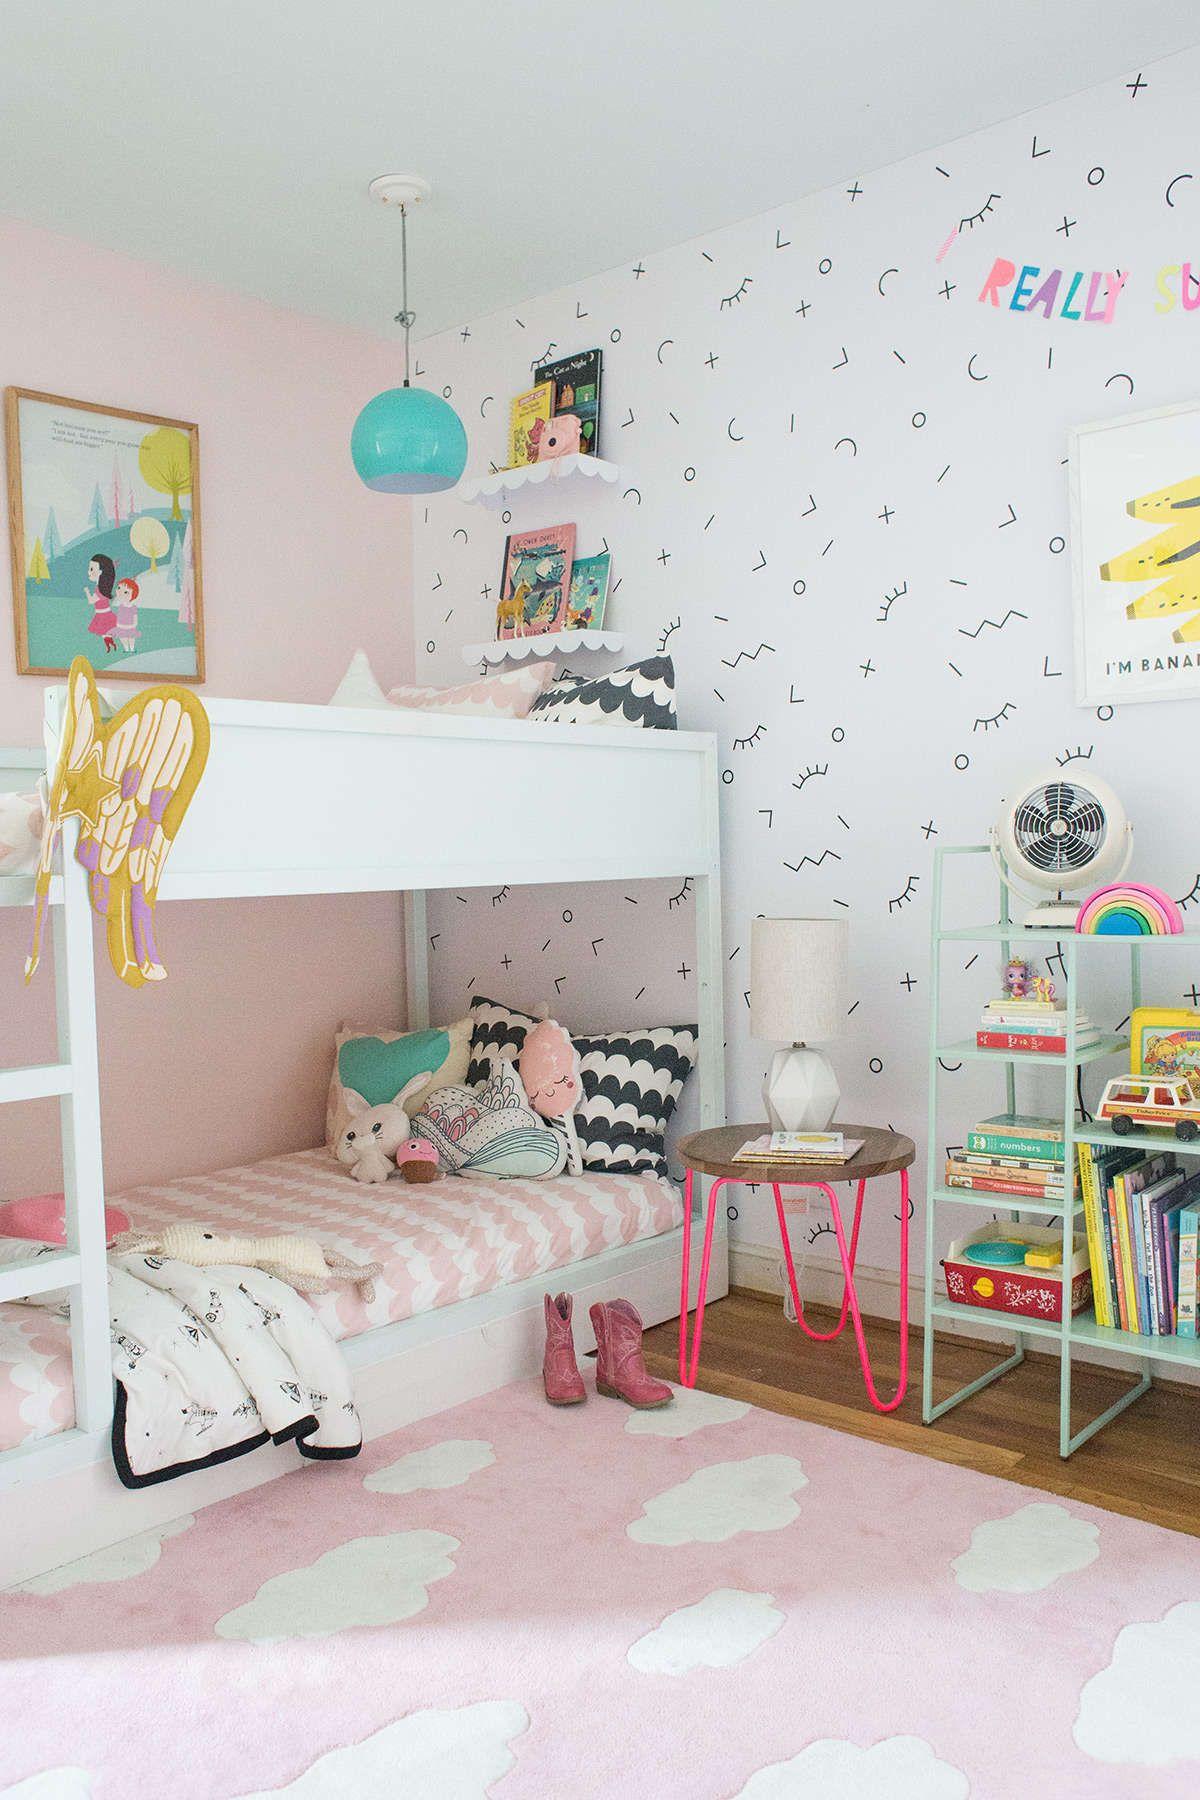 68daad2446b DIY riser for IKEA kura bed